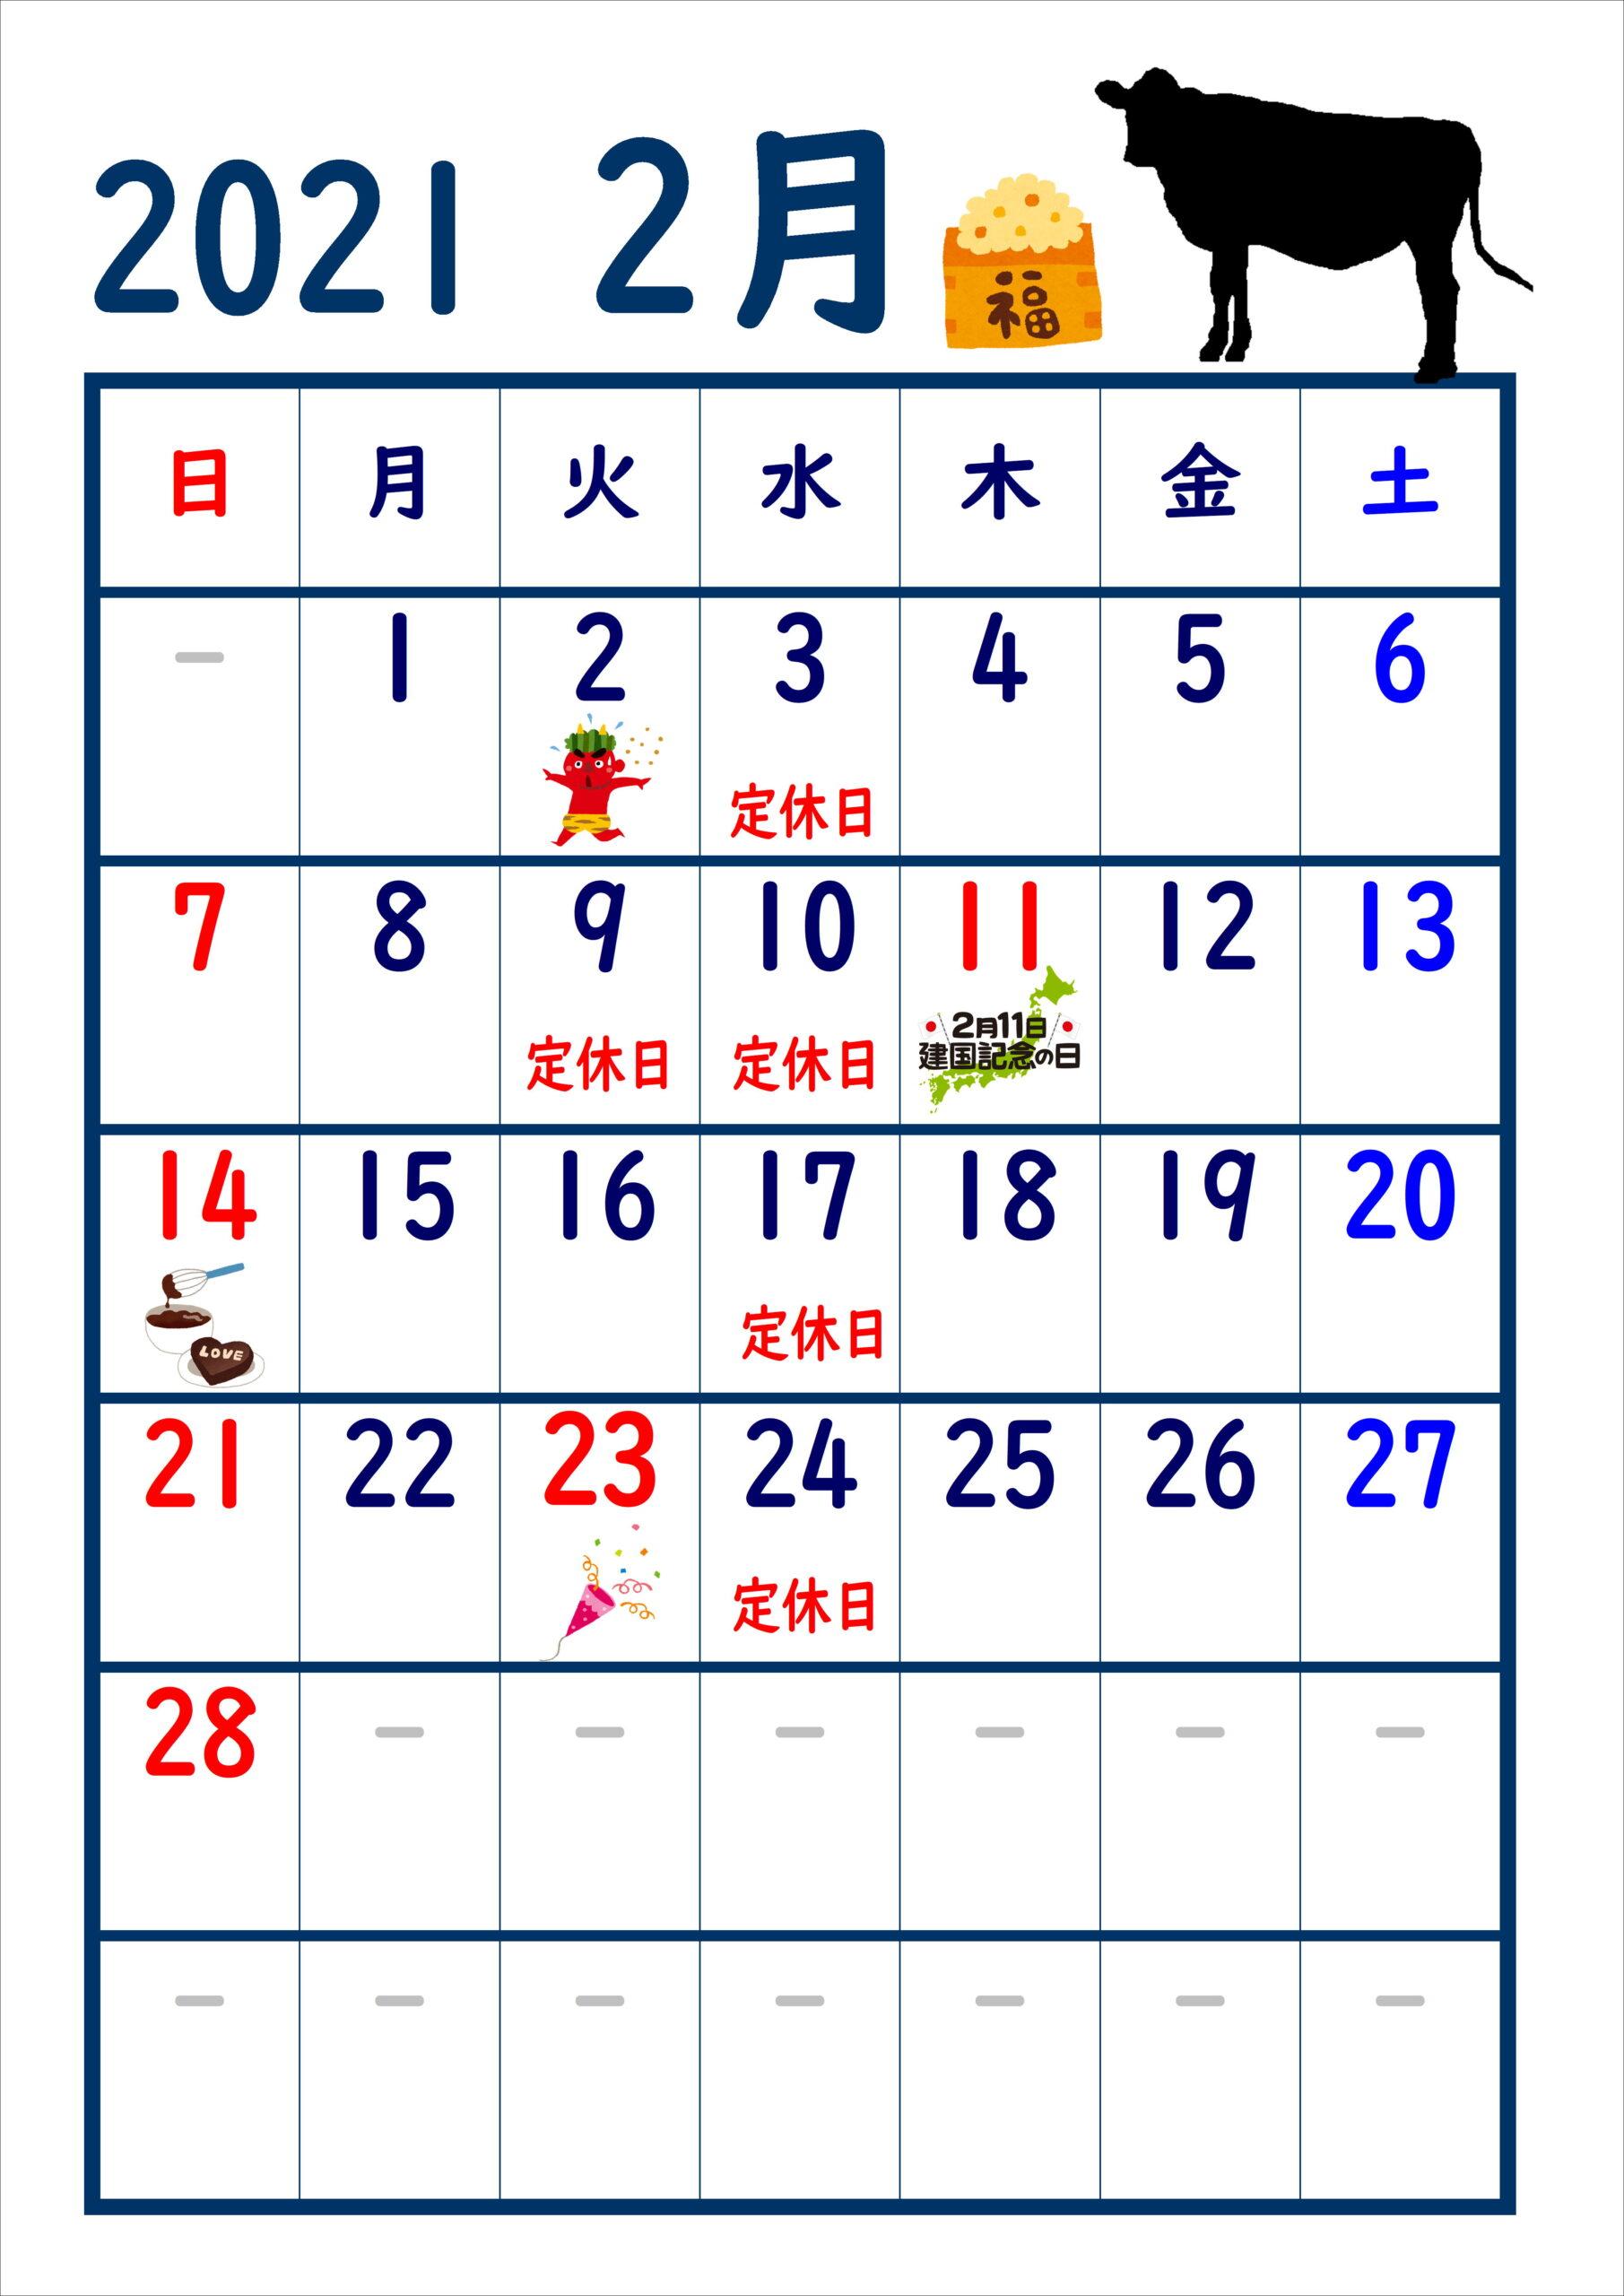 2月の定休日です。